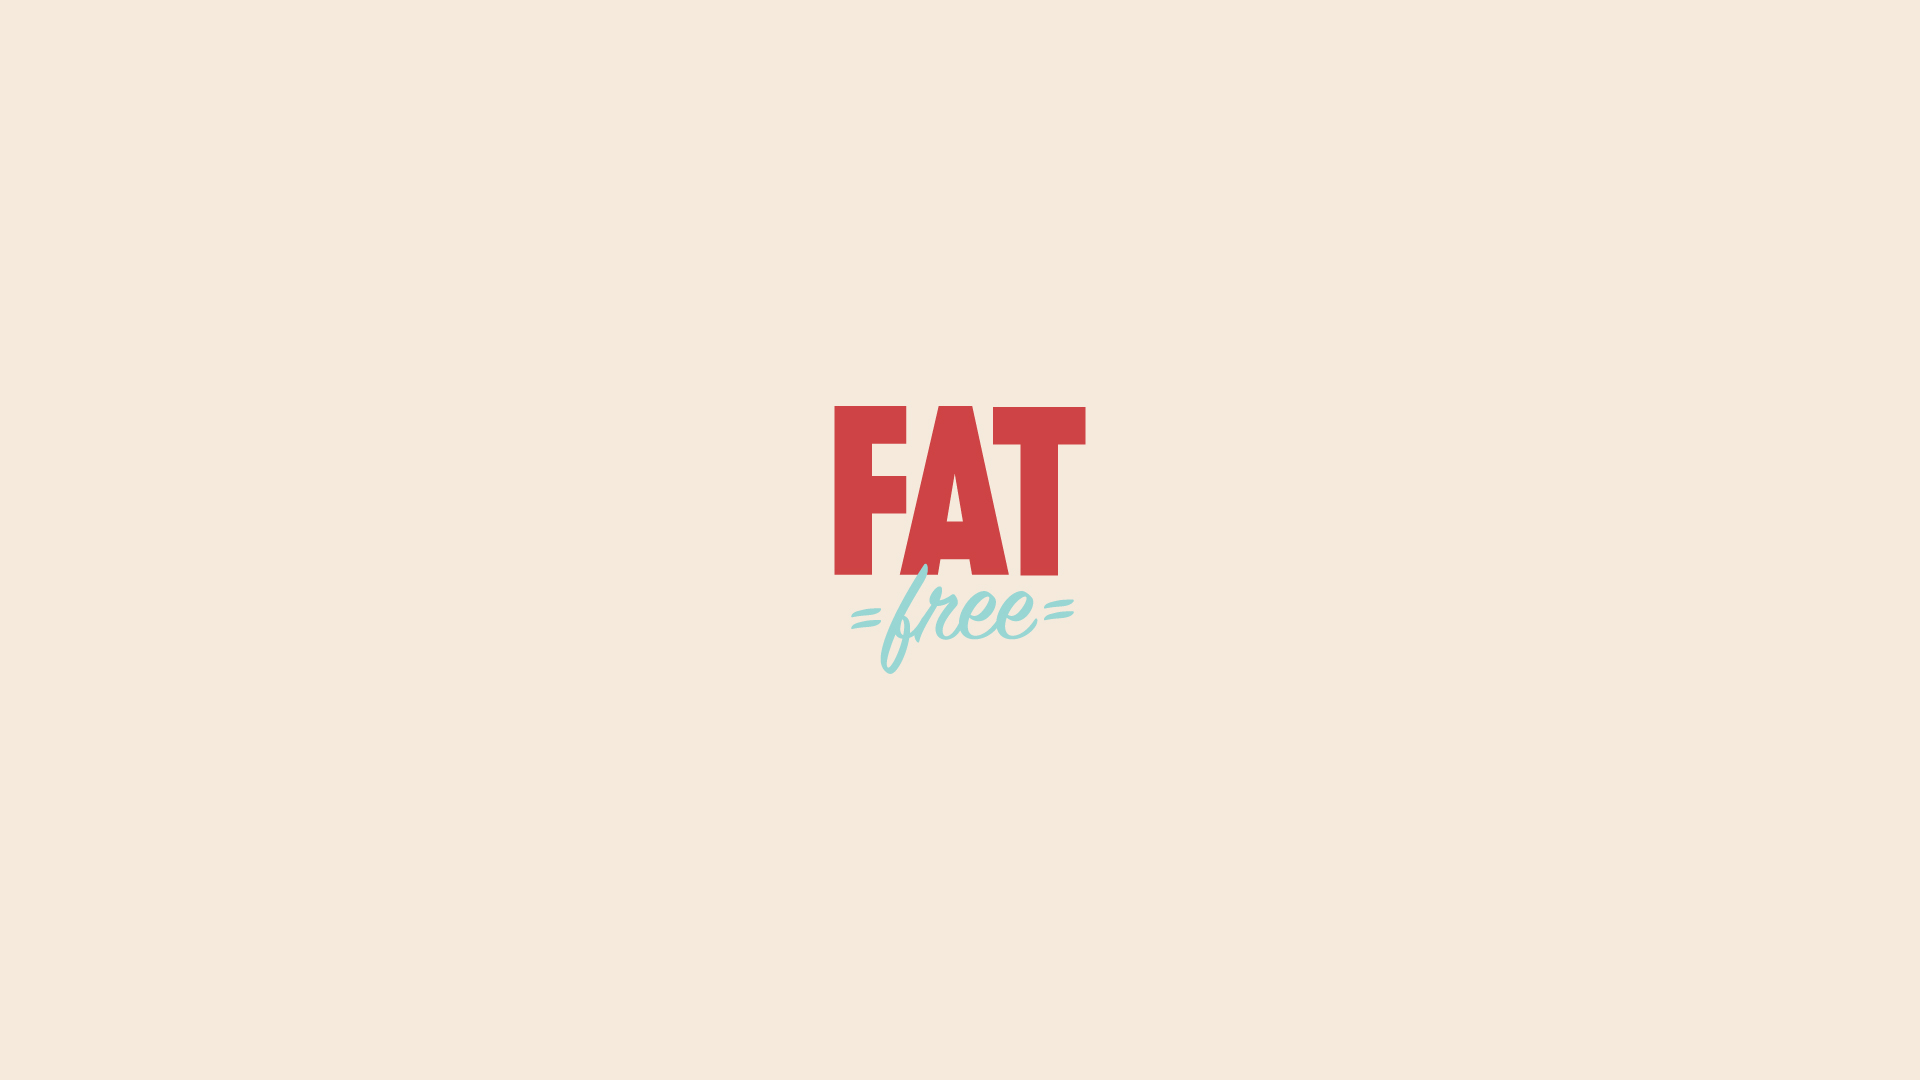 Fat-Free_foto1